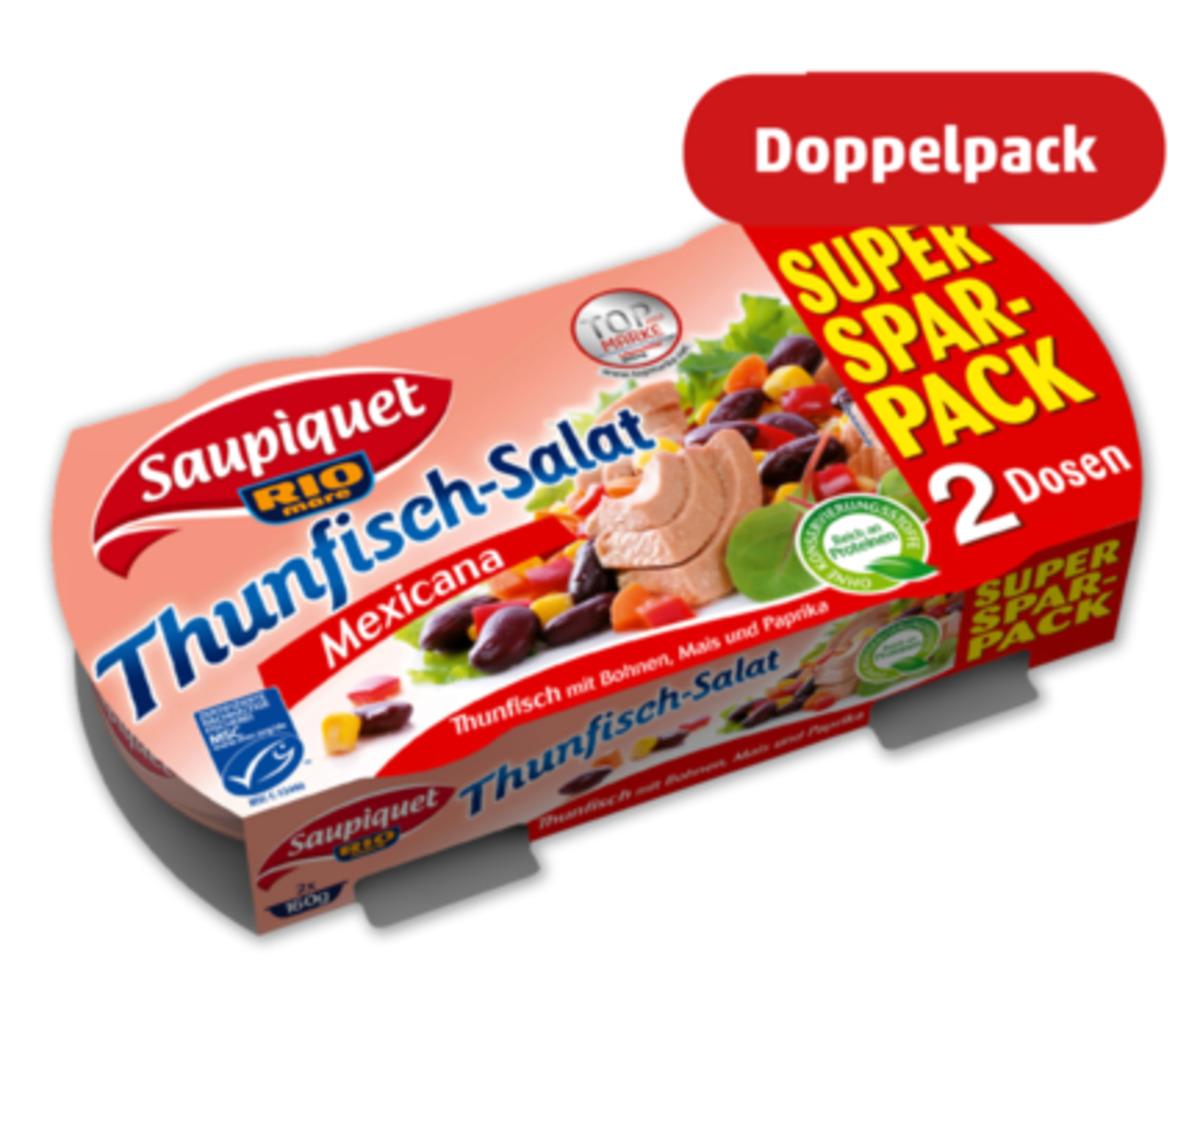 Bild 2 von SAUPIQUET Thunfisch-Salat